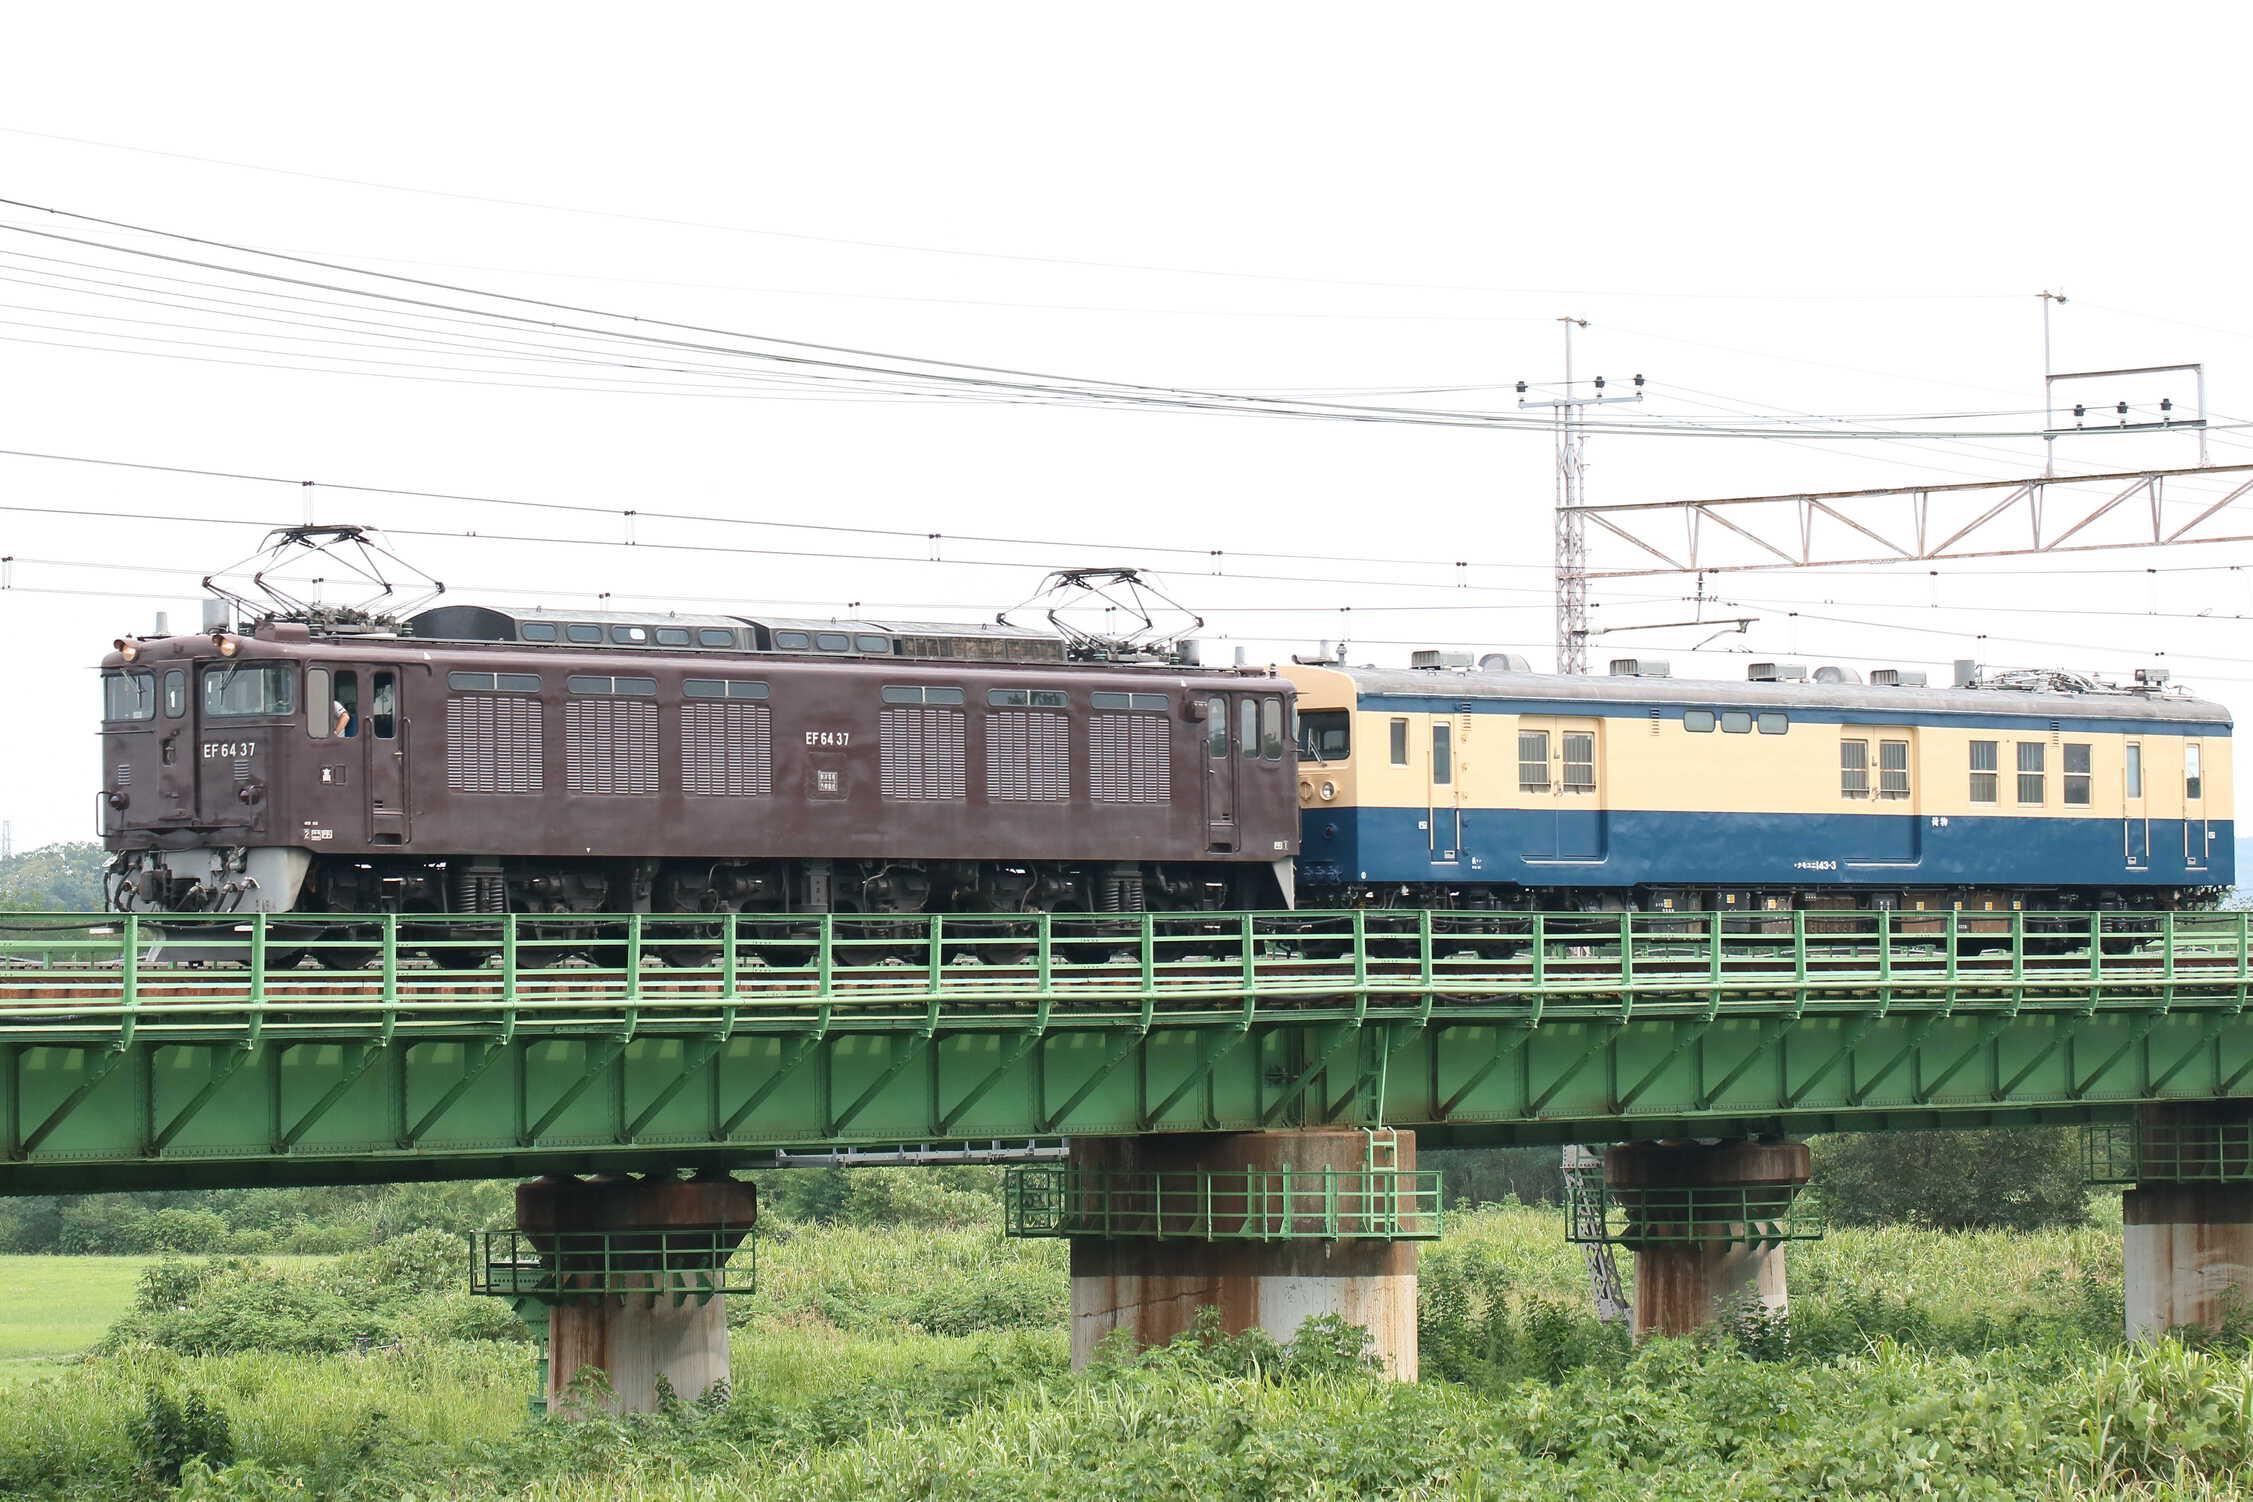 配9435列車 転属配給 EF64-37[高]<臨A143>+クモユニ143-3(長ナノ)